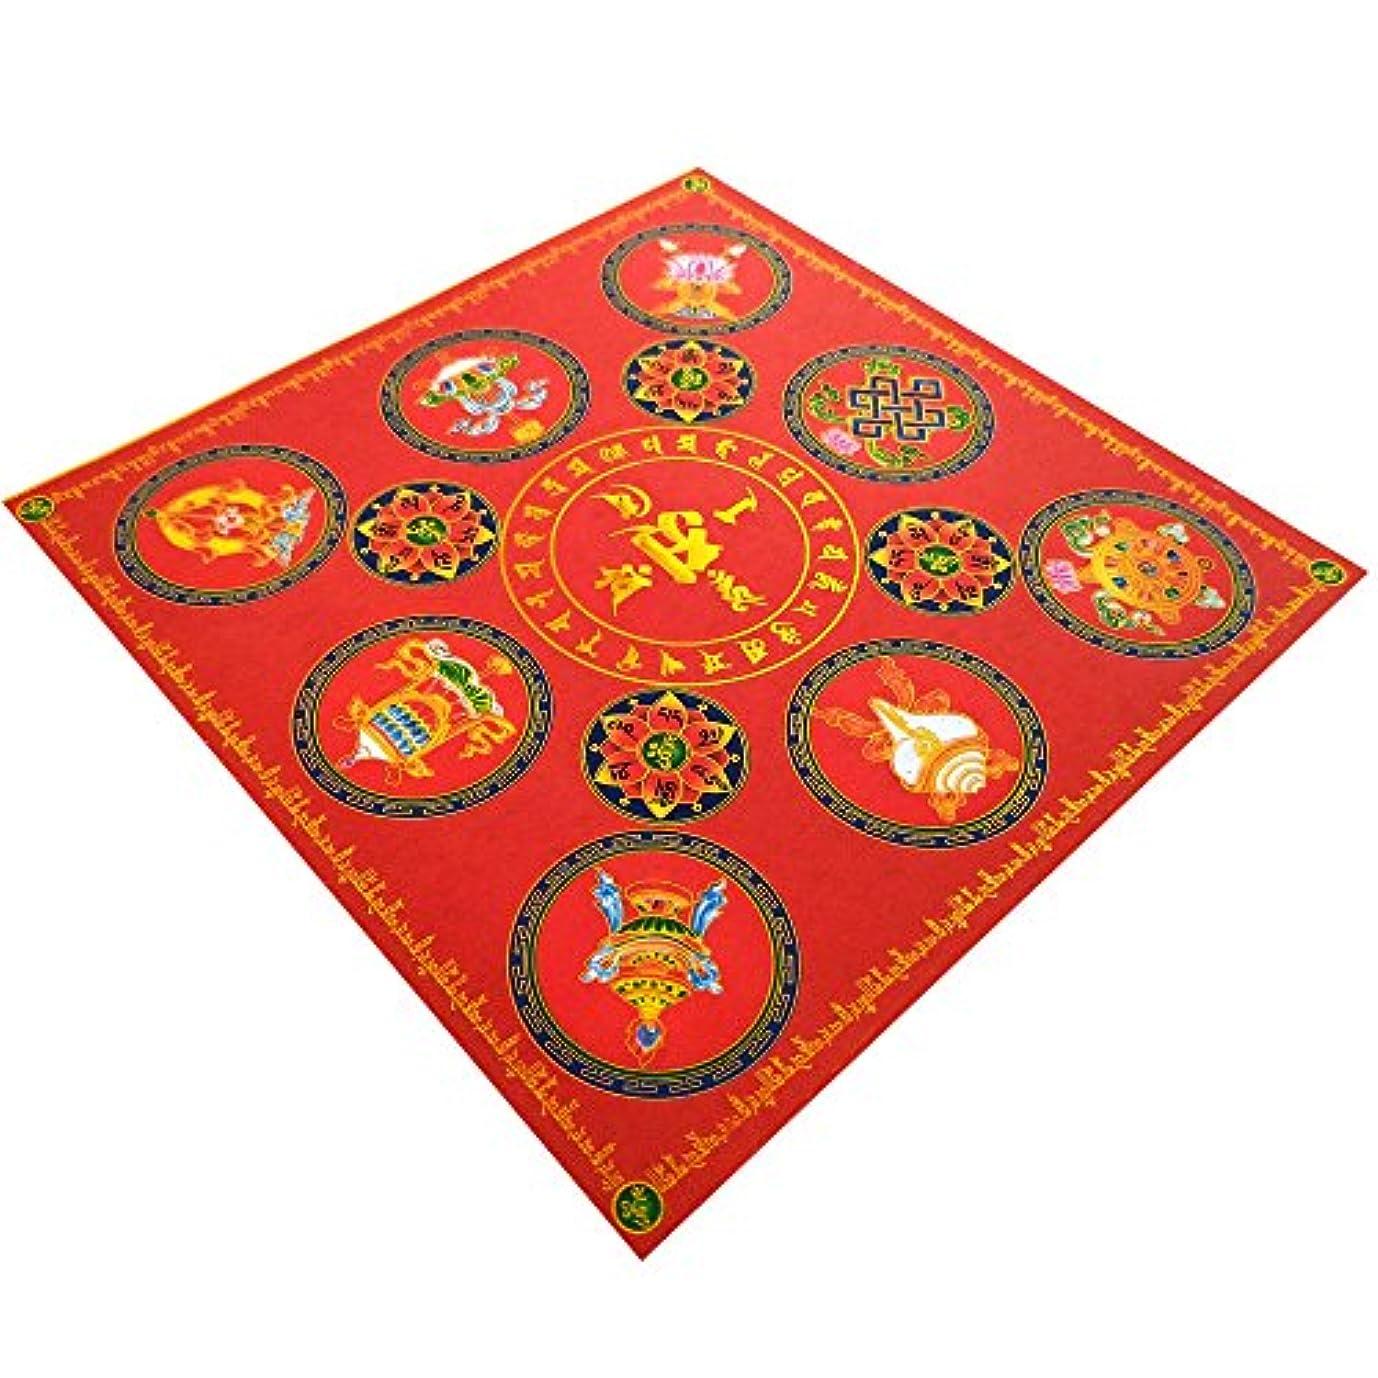 気をつけて急流空港zeestar祖先Incense用紙/ゴーストお金の祖先Praying 7.6インチx 7.6インチ、40個 – 吉祥(Lotus